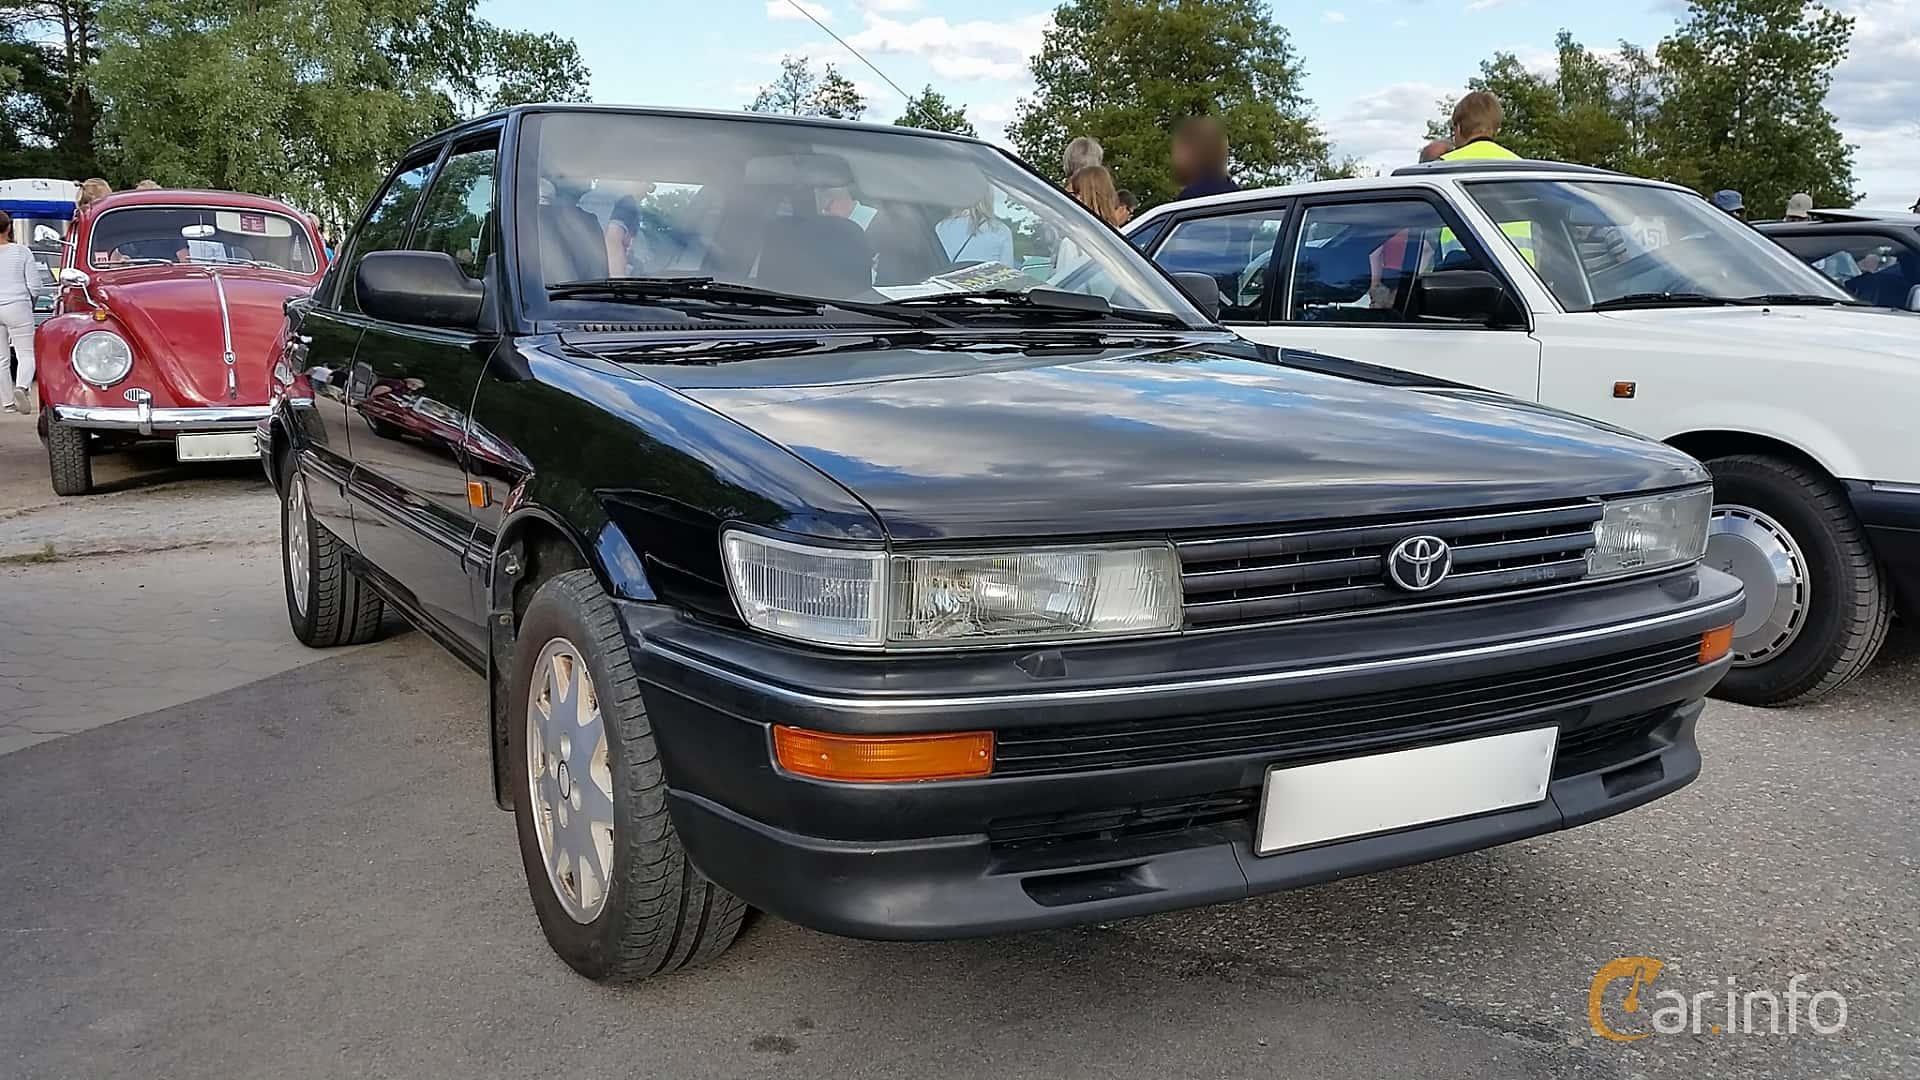 Kelebihan Toyota Corolla 1987 Harga